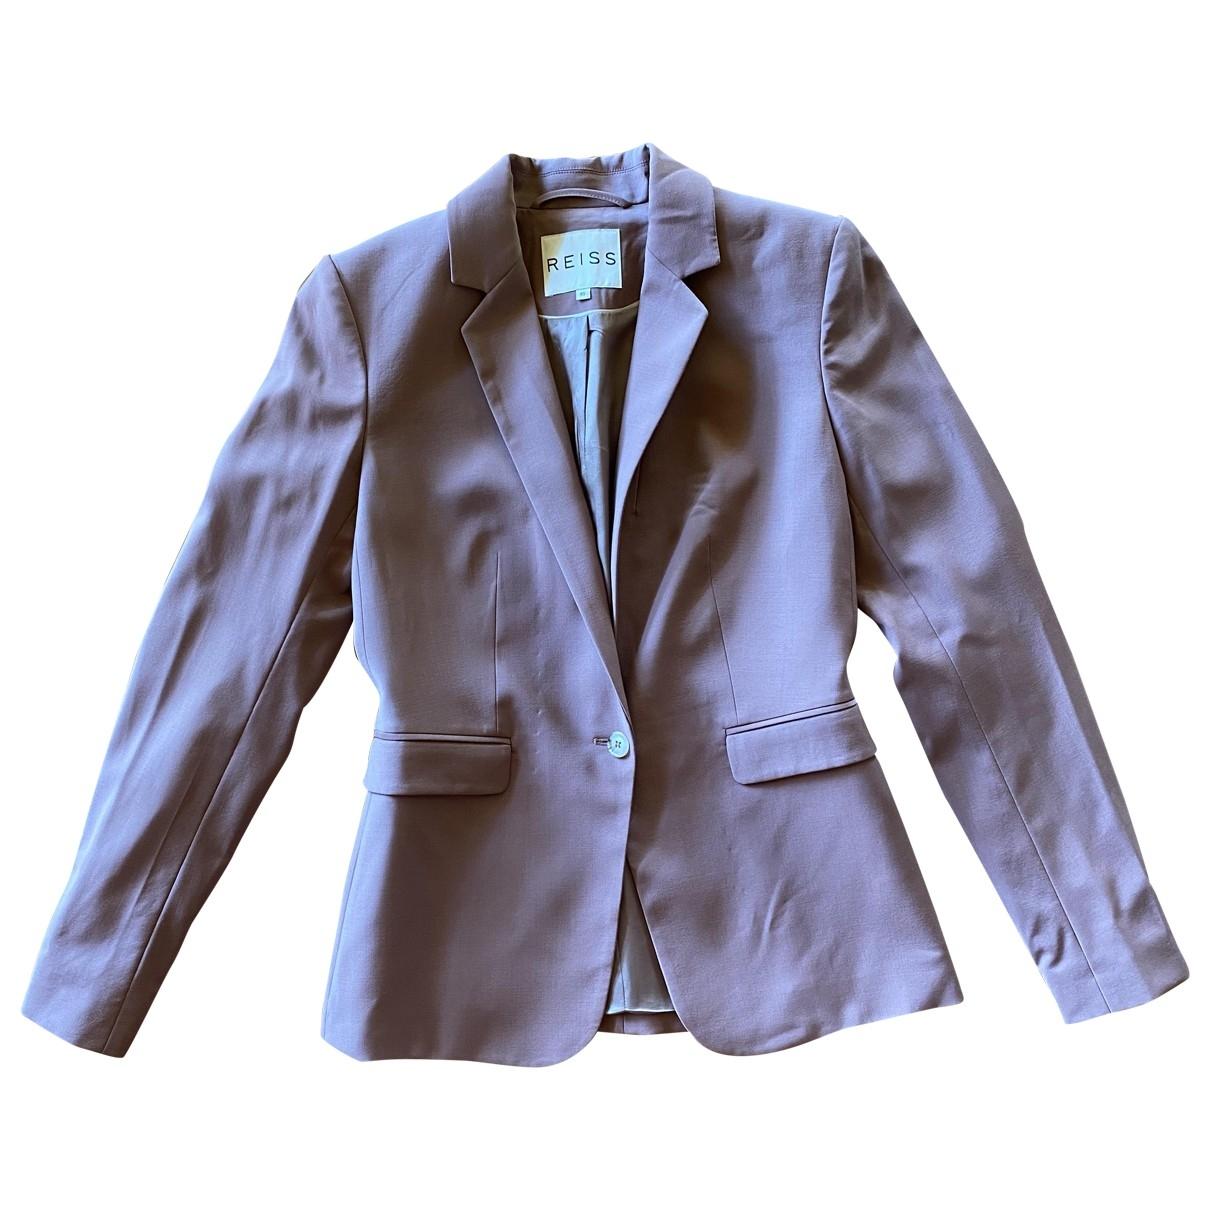 Reiss \N Pink Wool jacket for Women XS International